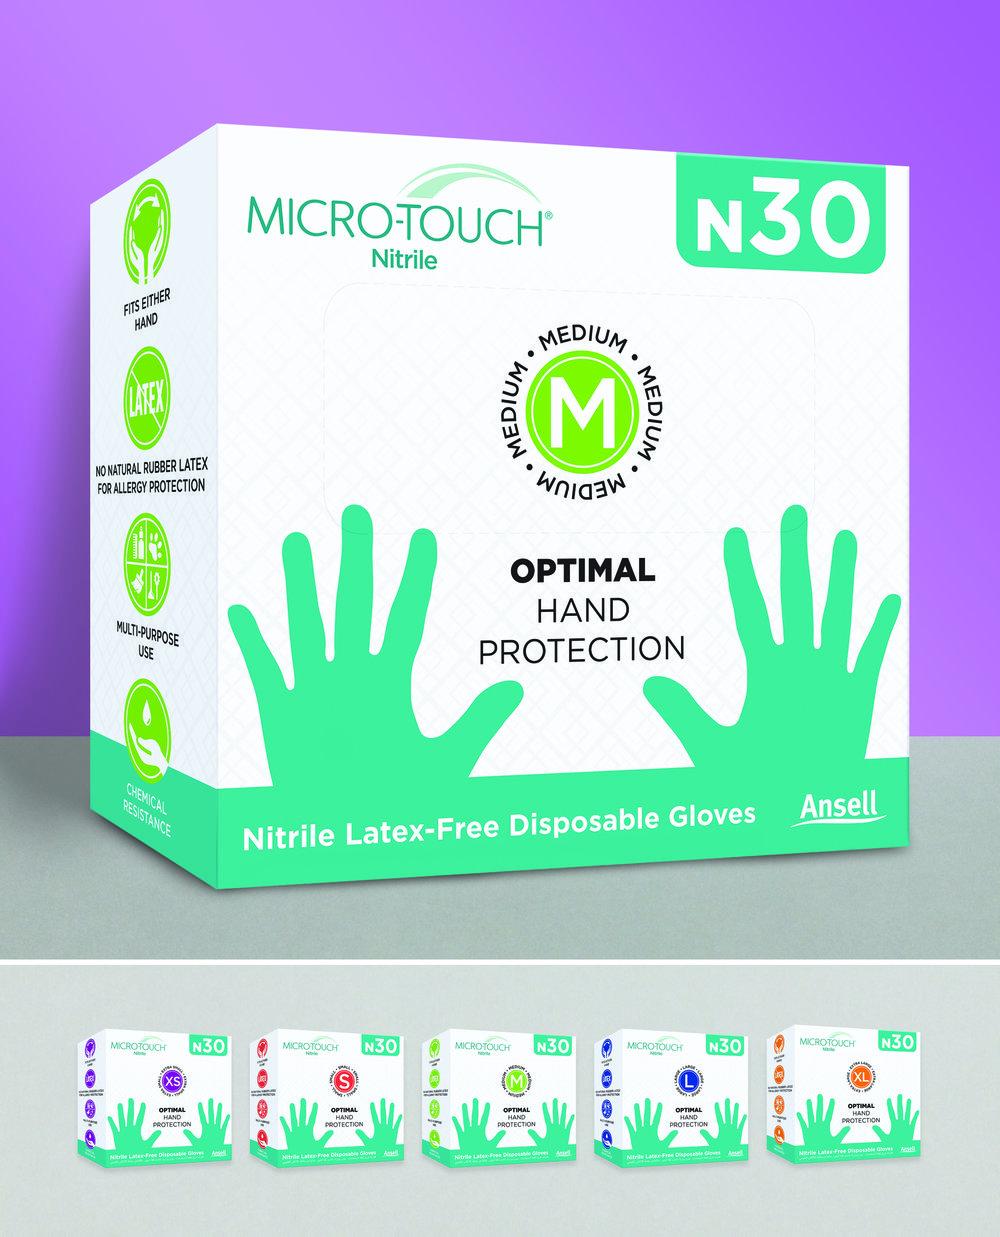 MicroTouchN30.jpg